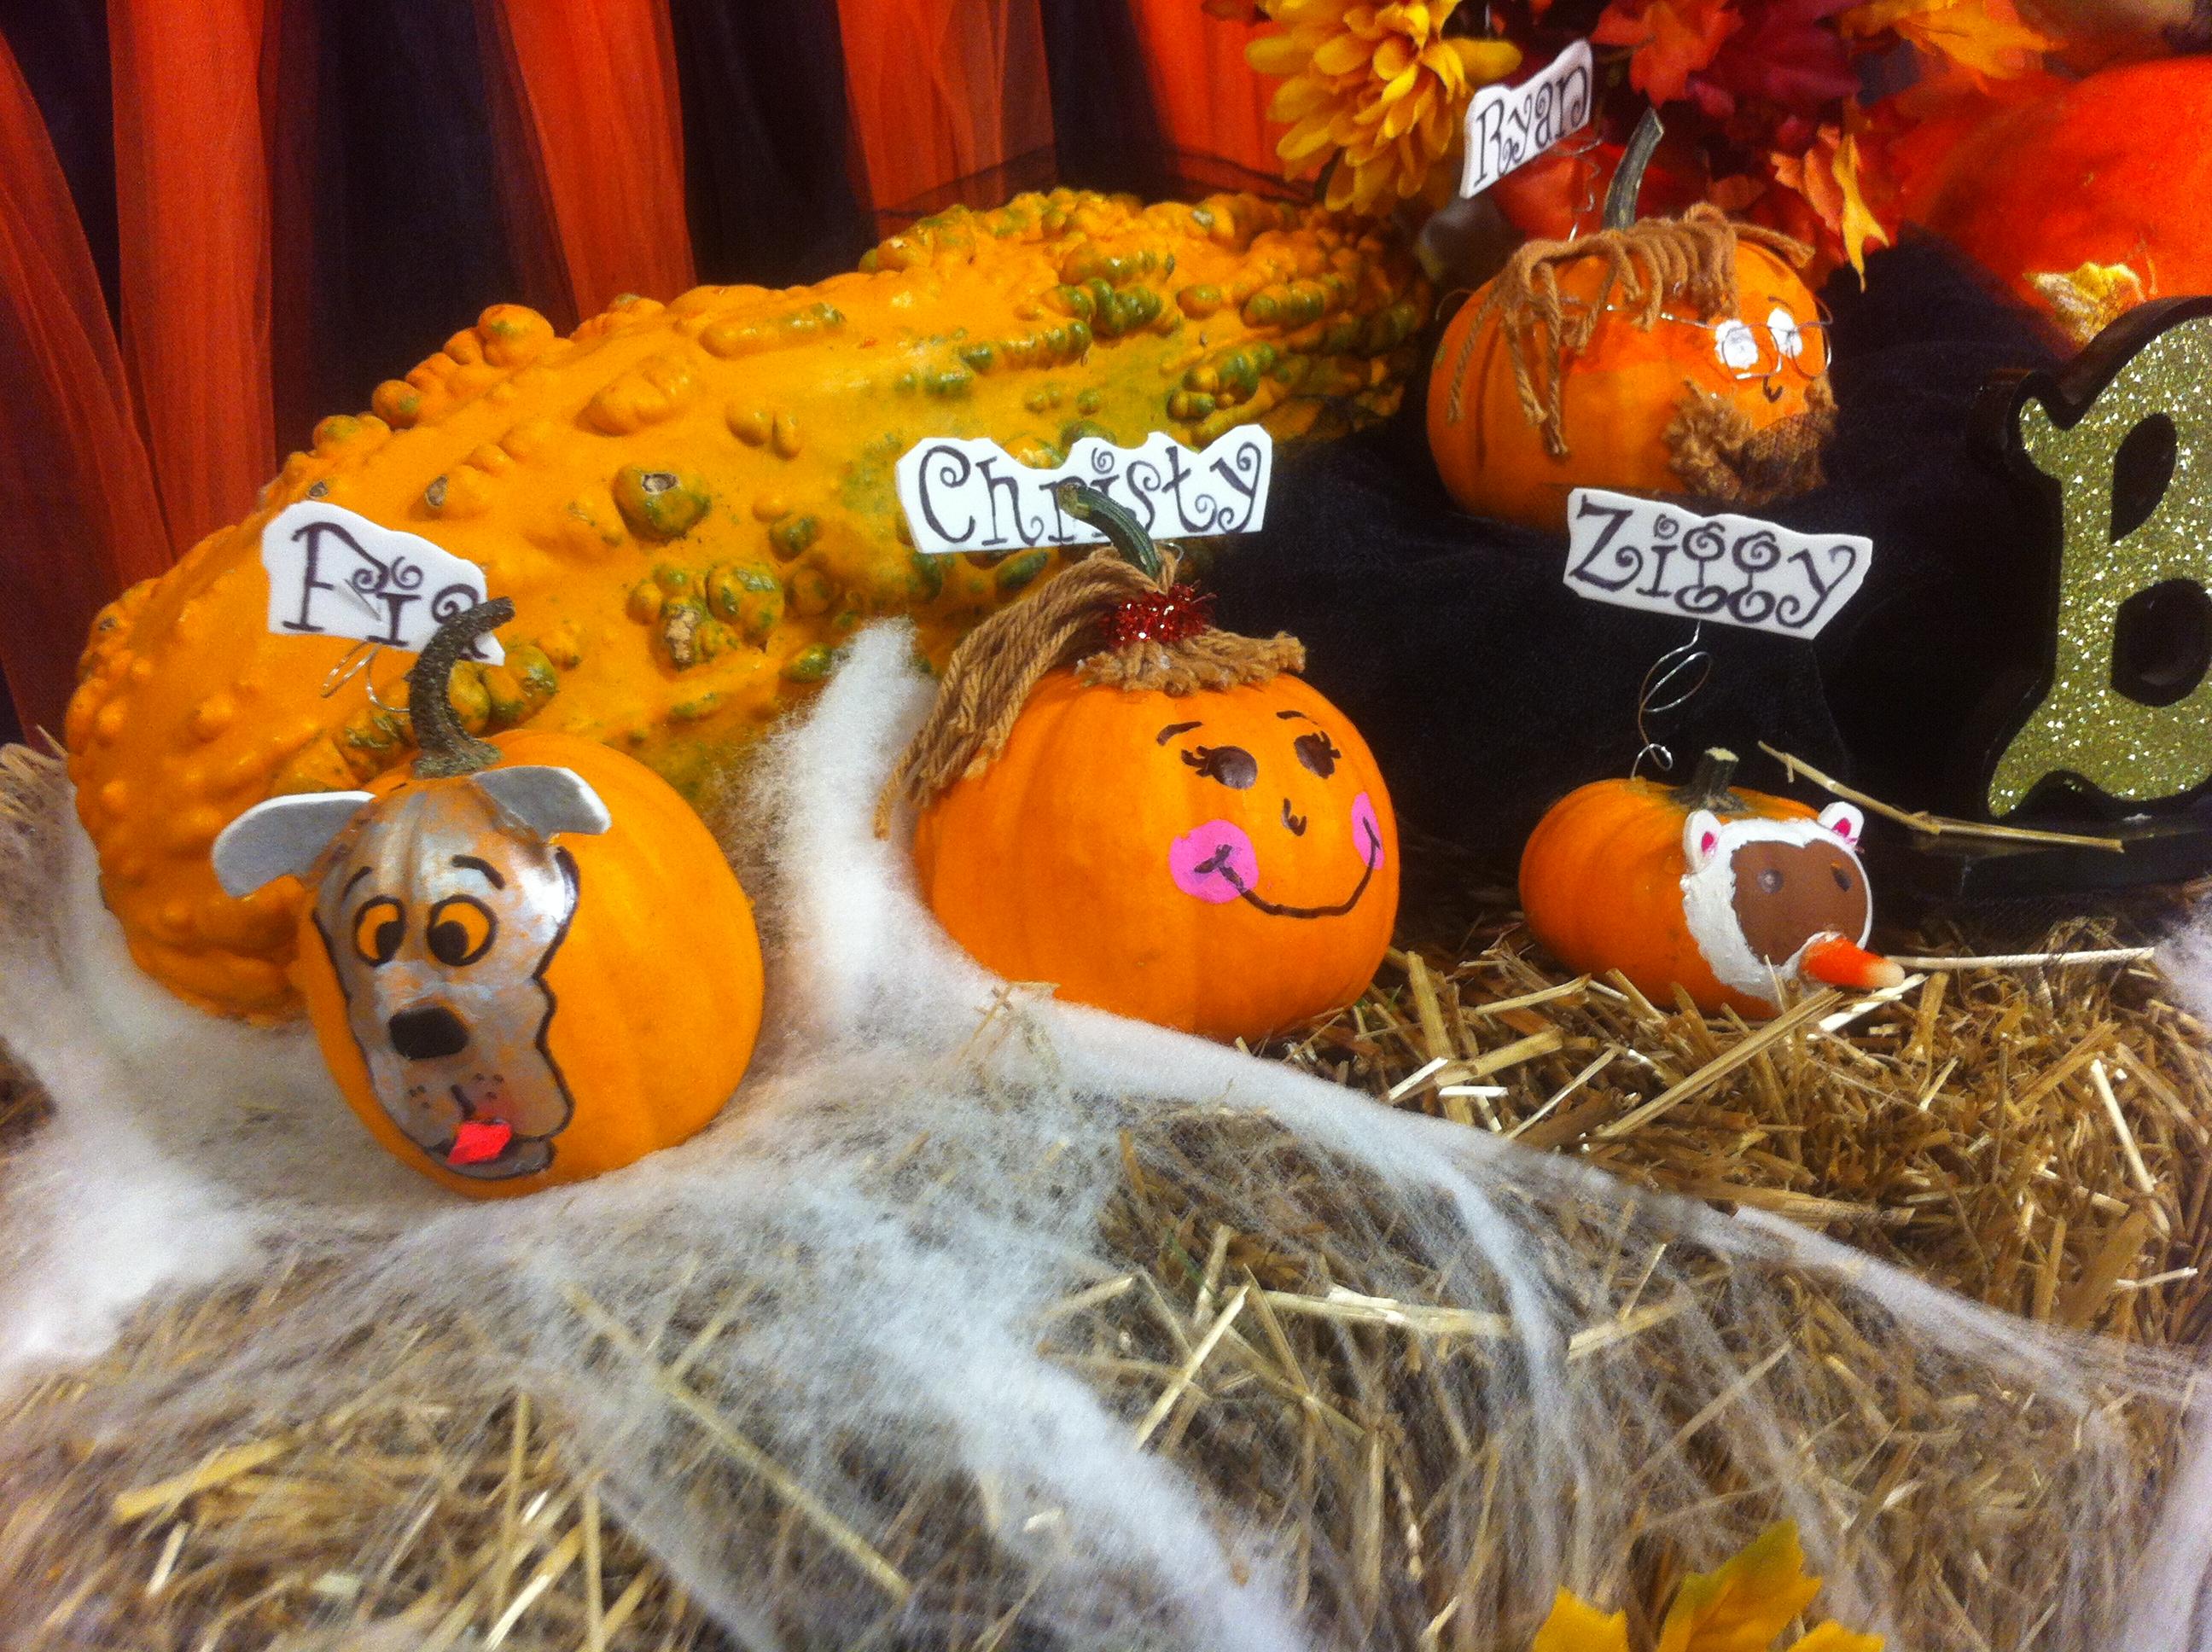 A little pumpkin family.